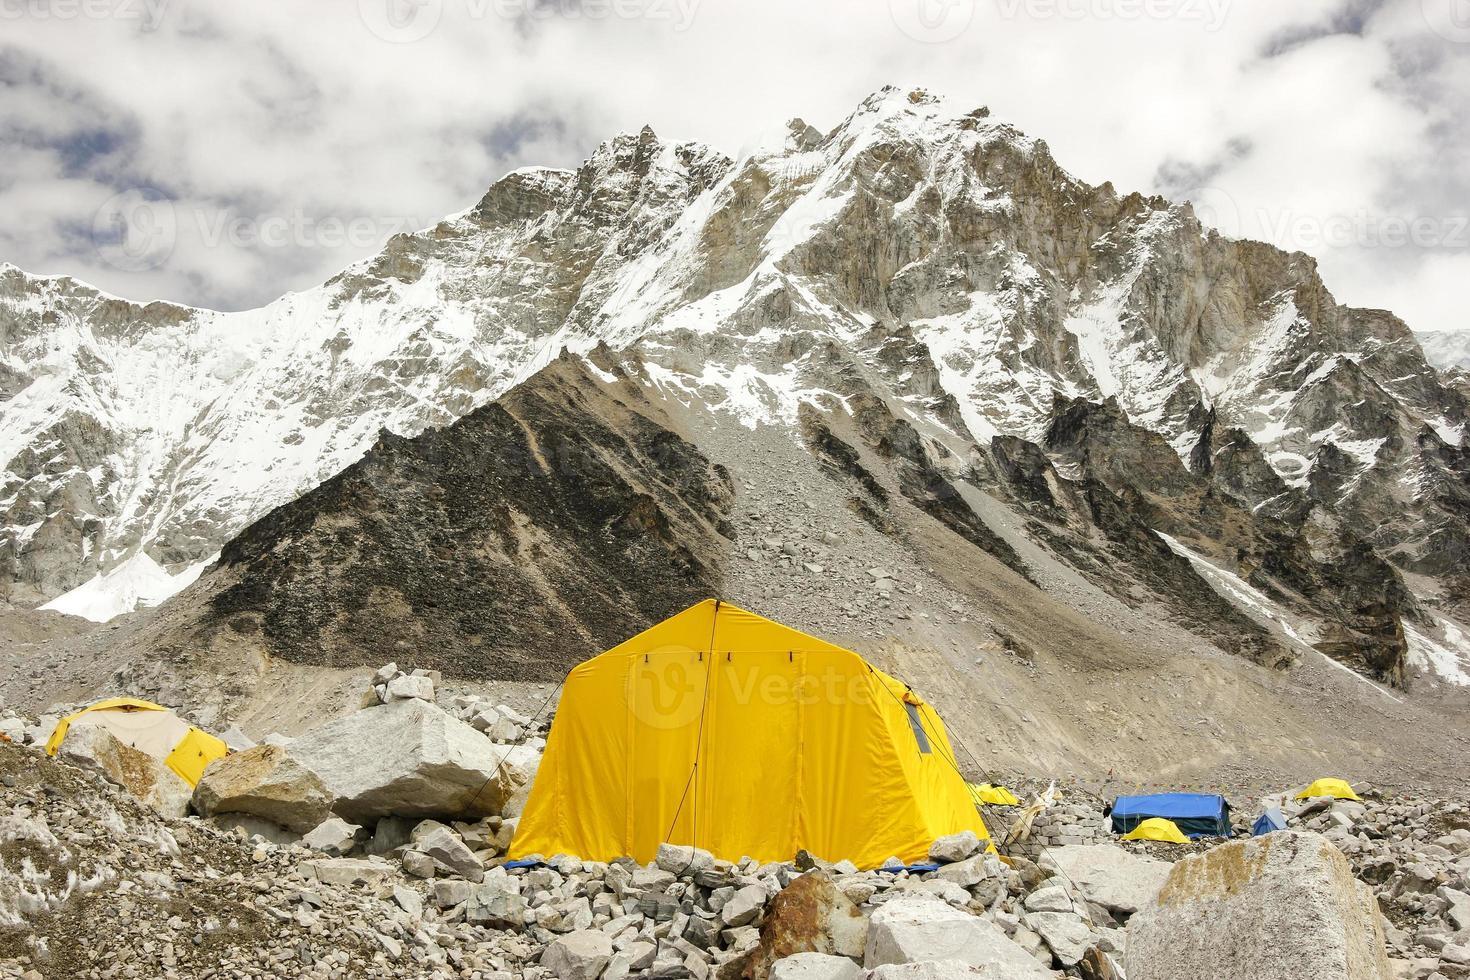 tenten in het meest everest basiskamp, bewolkte dag. foto